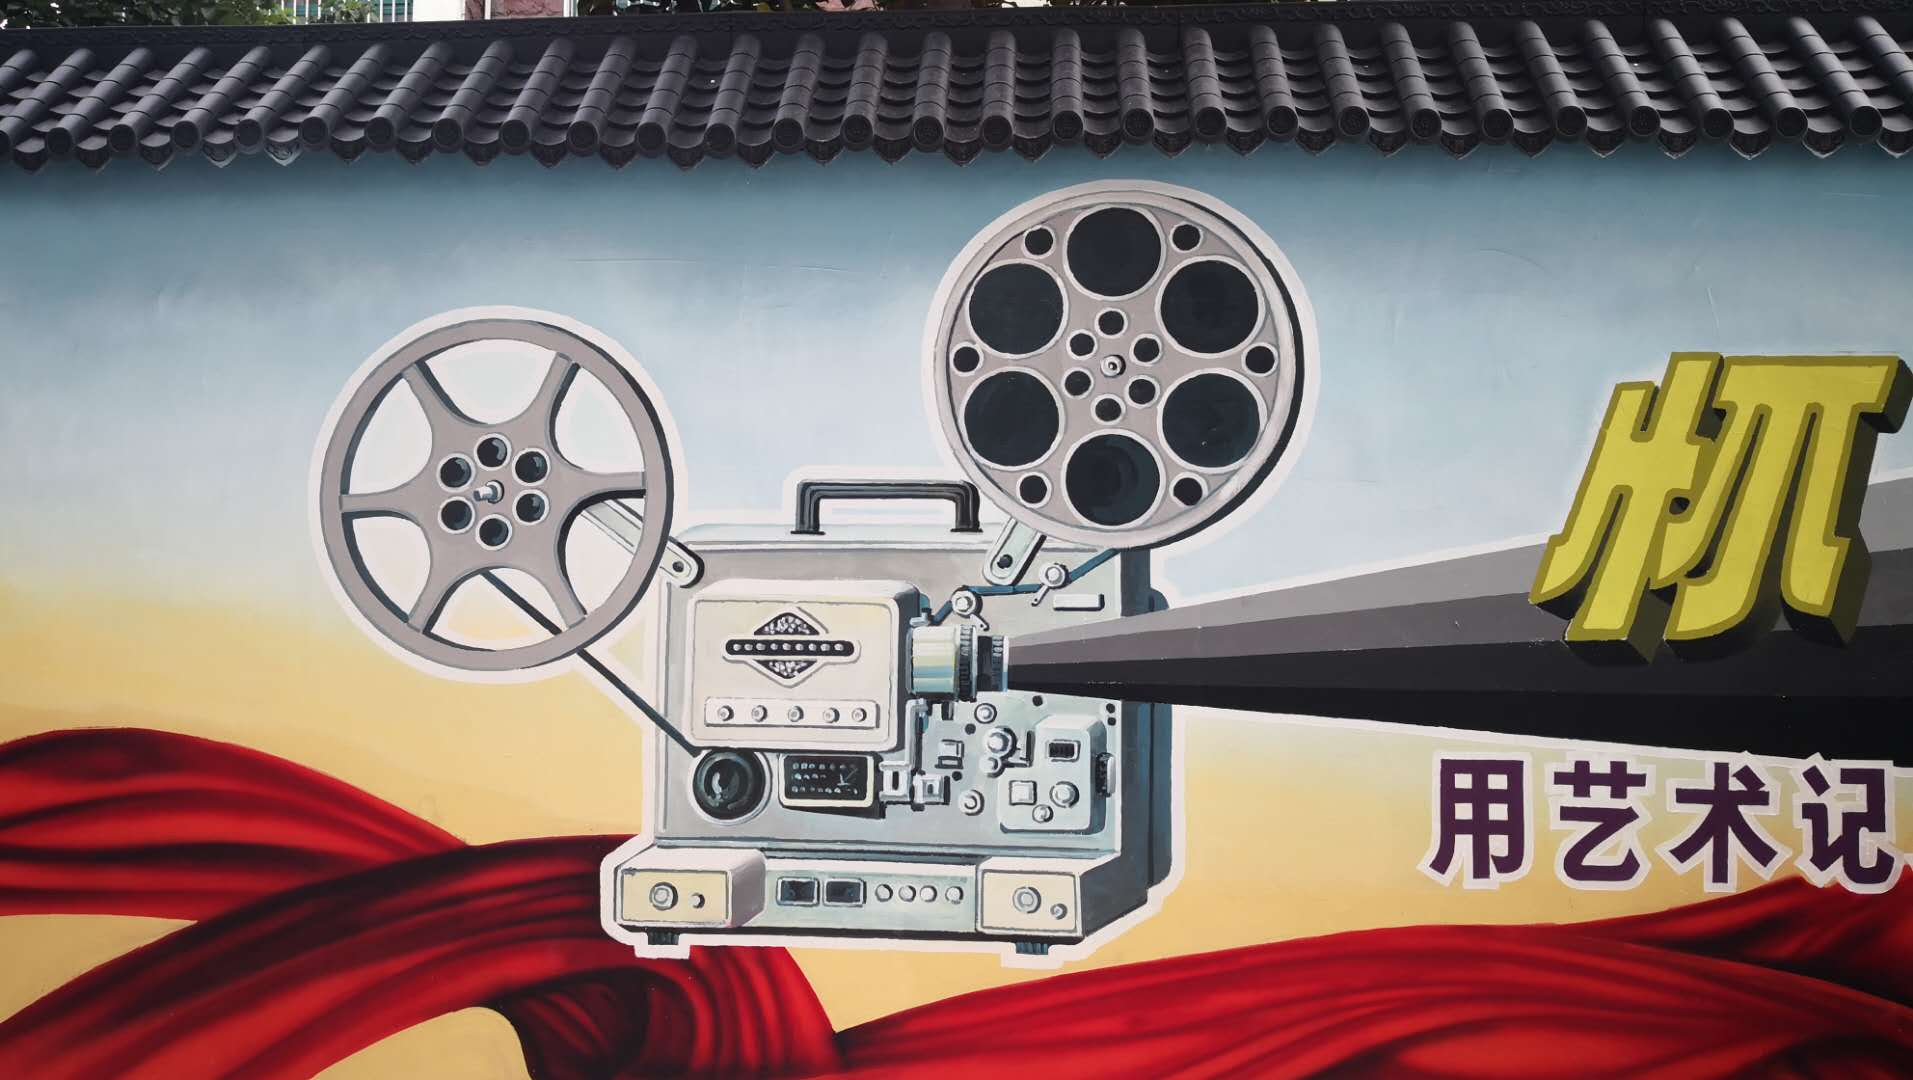 邳州市墙壁文化缩影(摄影:刘波涛)